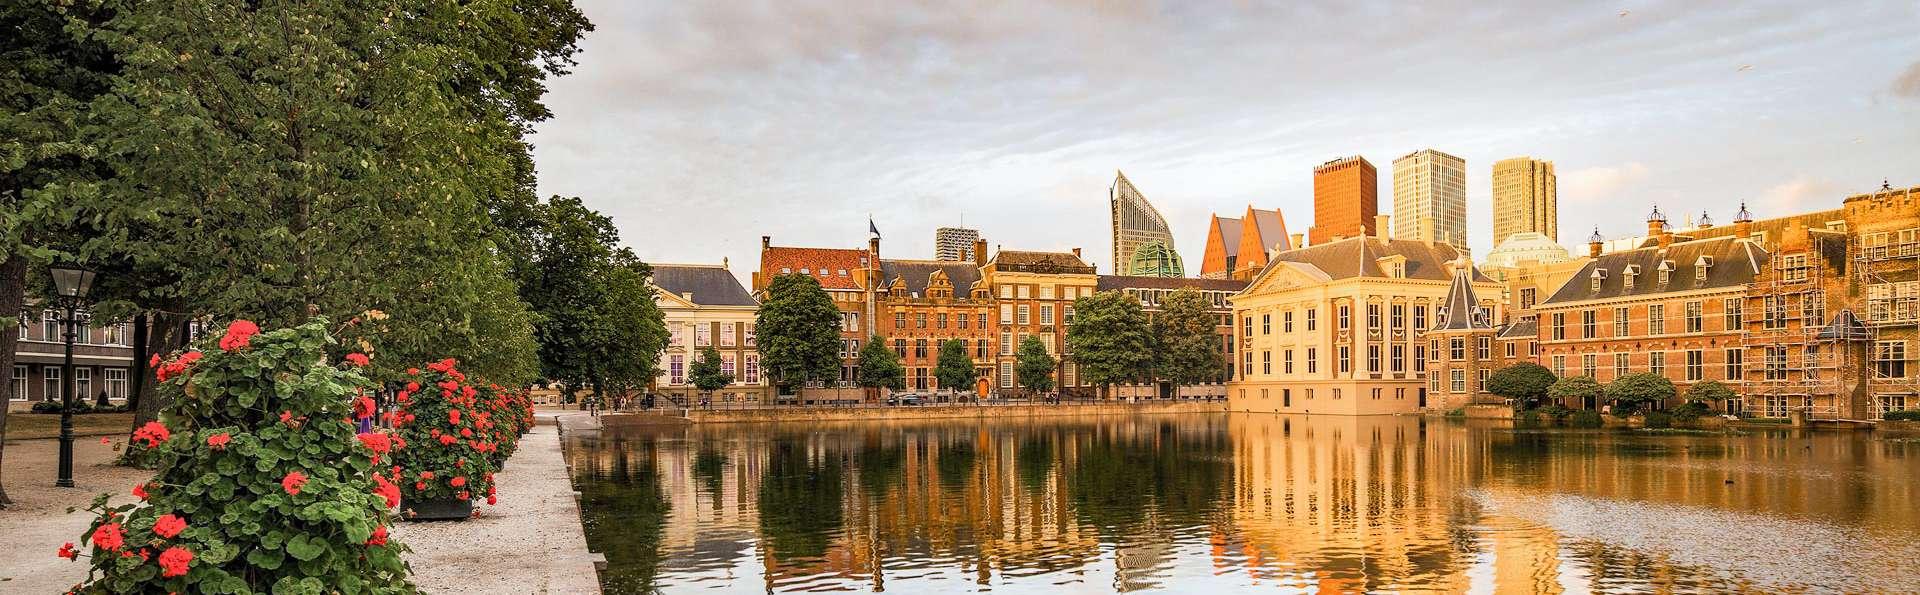 Découvrez La Haye dans un hôtel chic avec petit déjeuner et verre de bienvenue